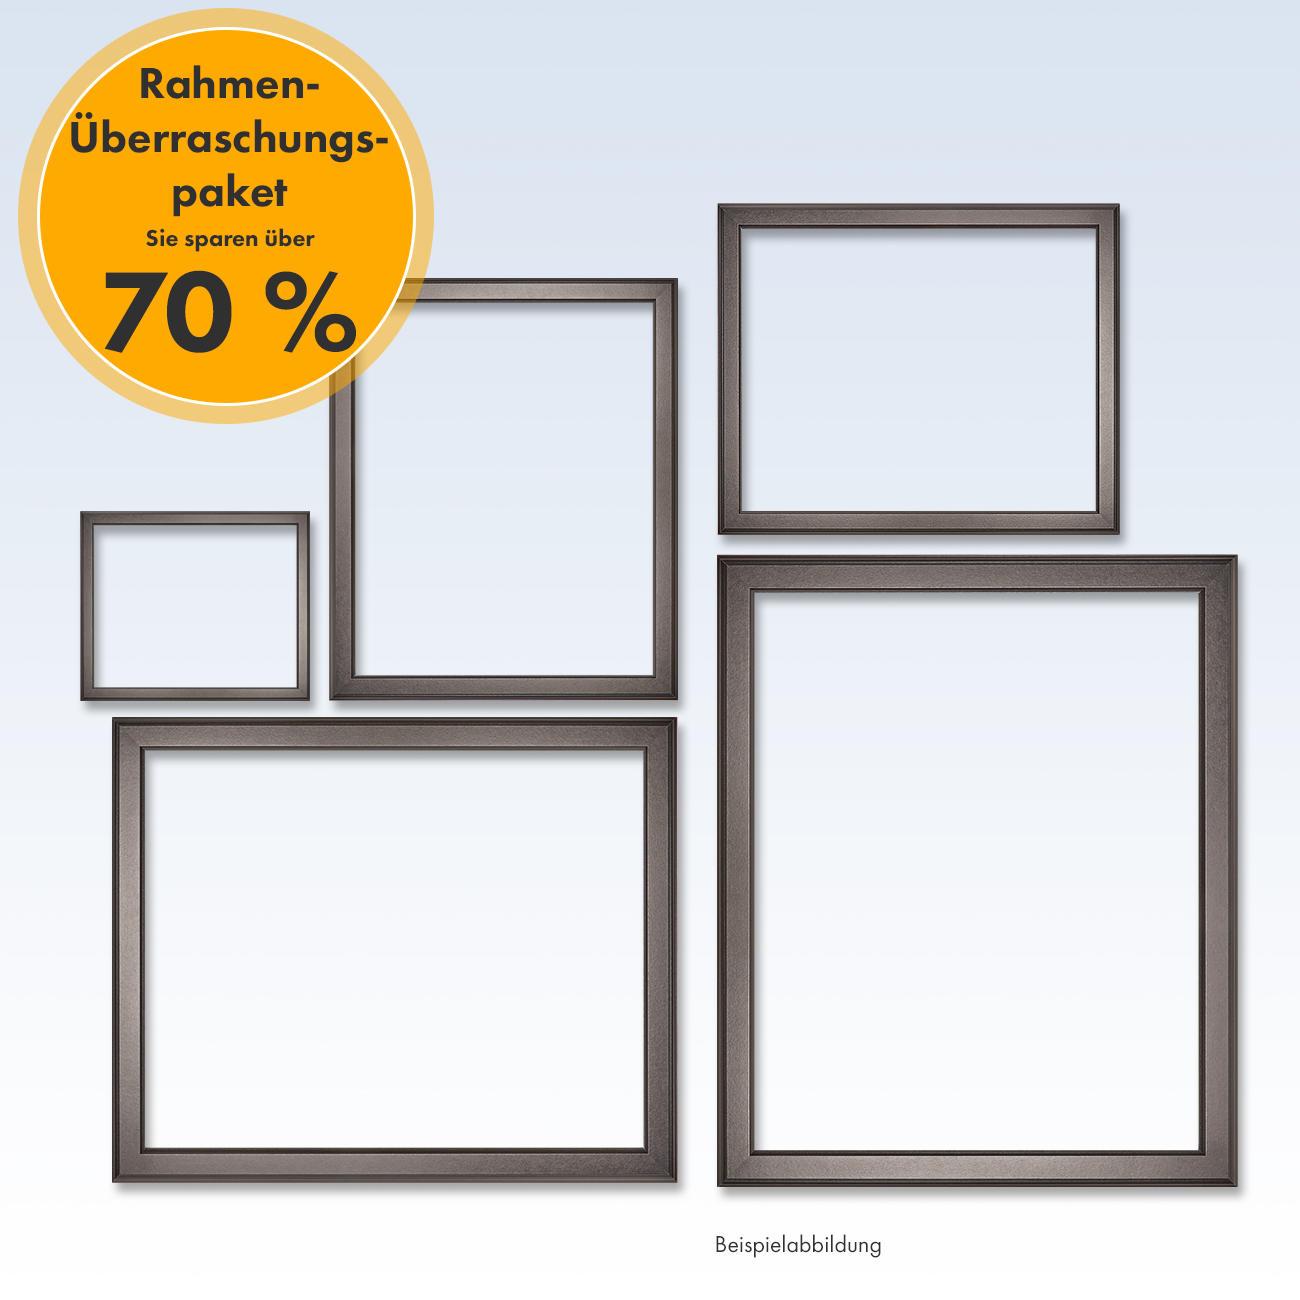 Rahmen-Überraschungspaket, Schwarz